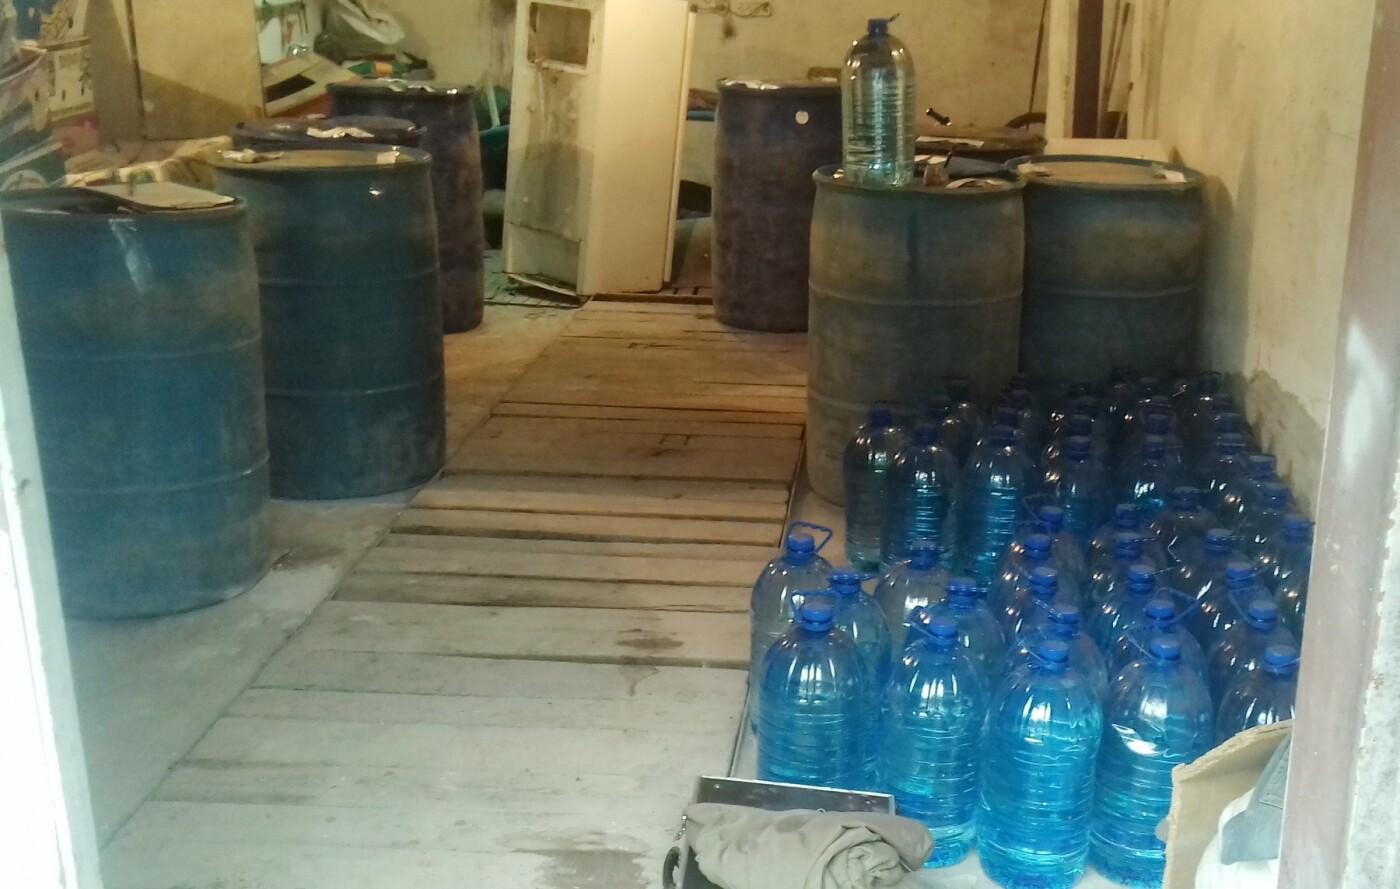 В Мелитополе, смешивая спирт с водой, незаконно изготавливали алкогольный фальсификат, – ФОТО, фото-4